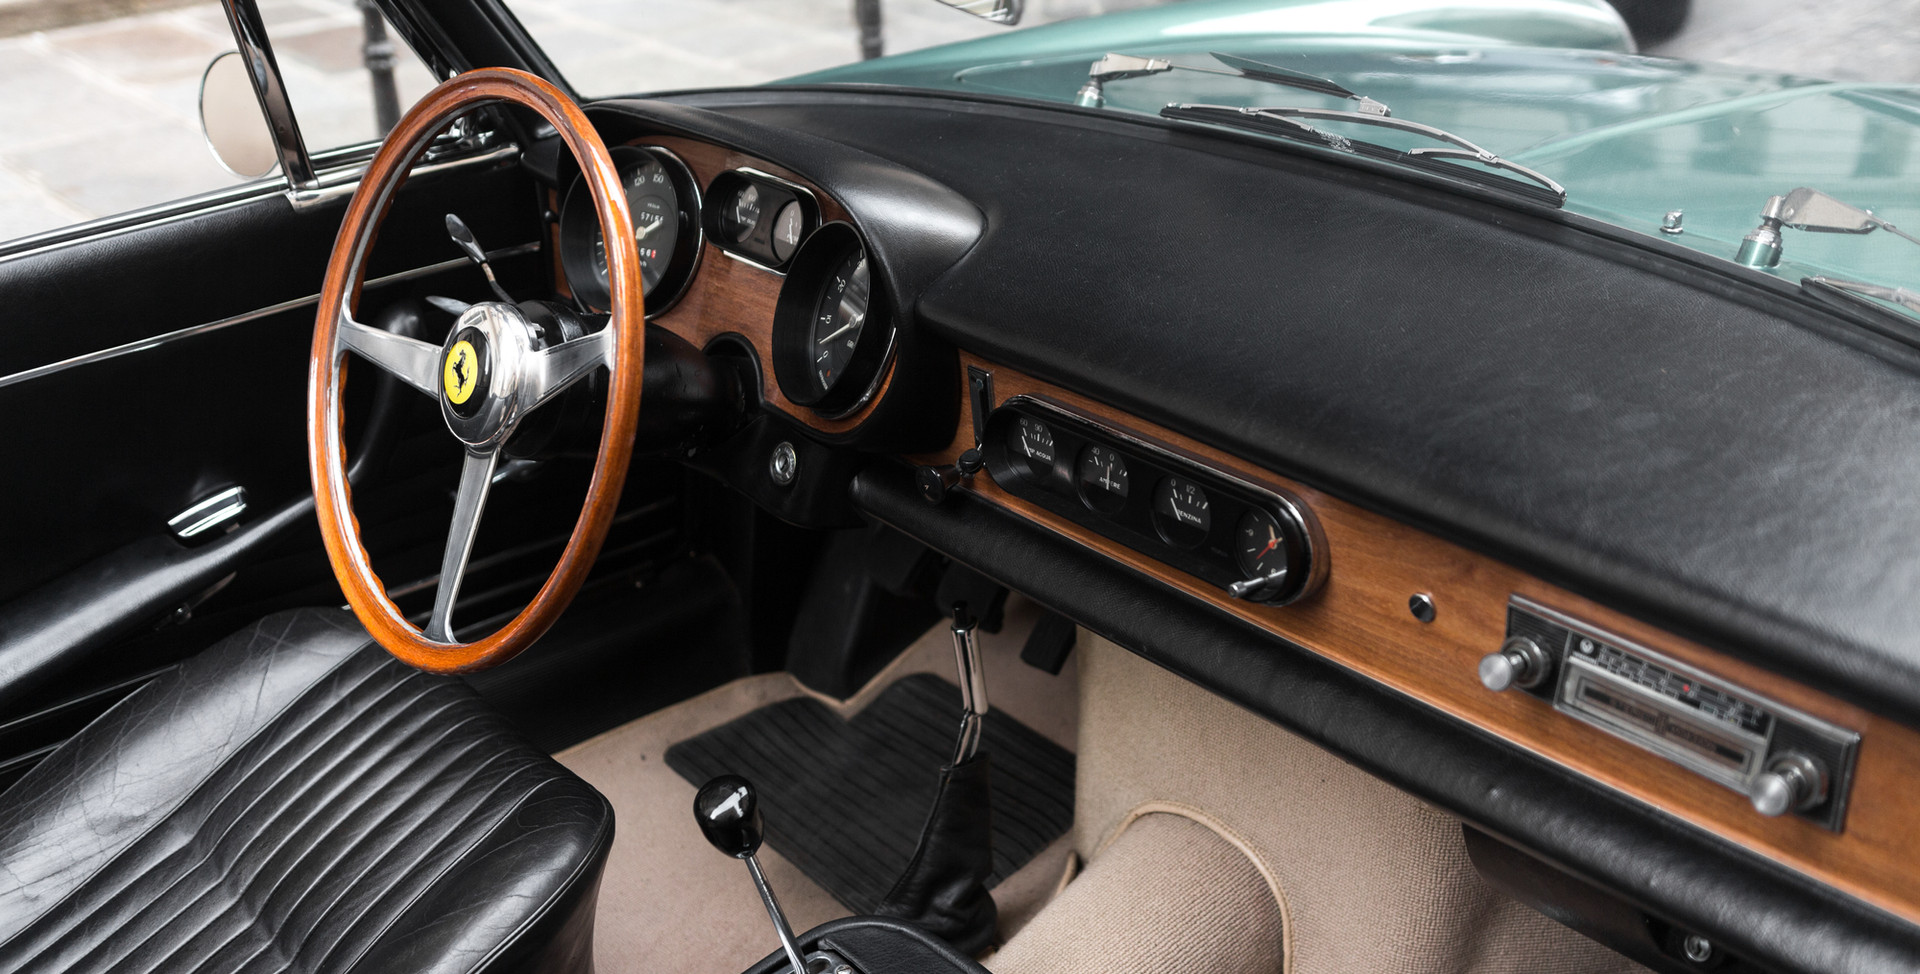 Ferrari_275_GTS_intérieur_(11).jpg